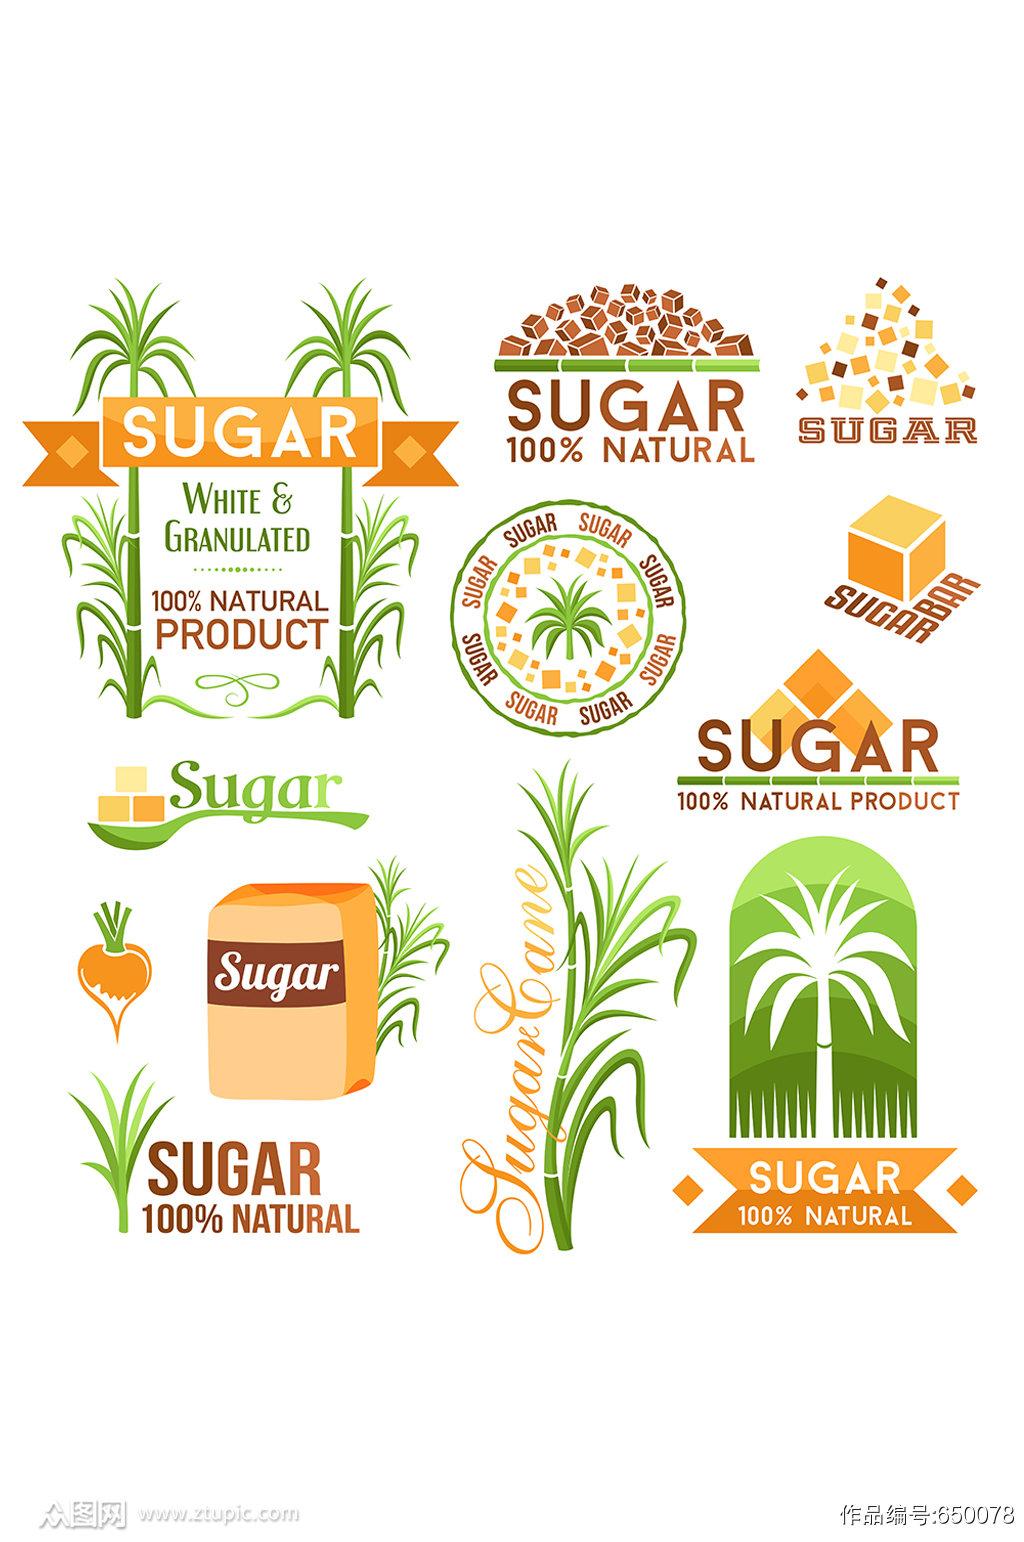 绿色清新糖果标签素材素材